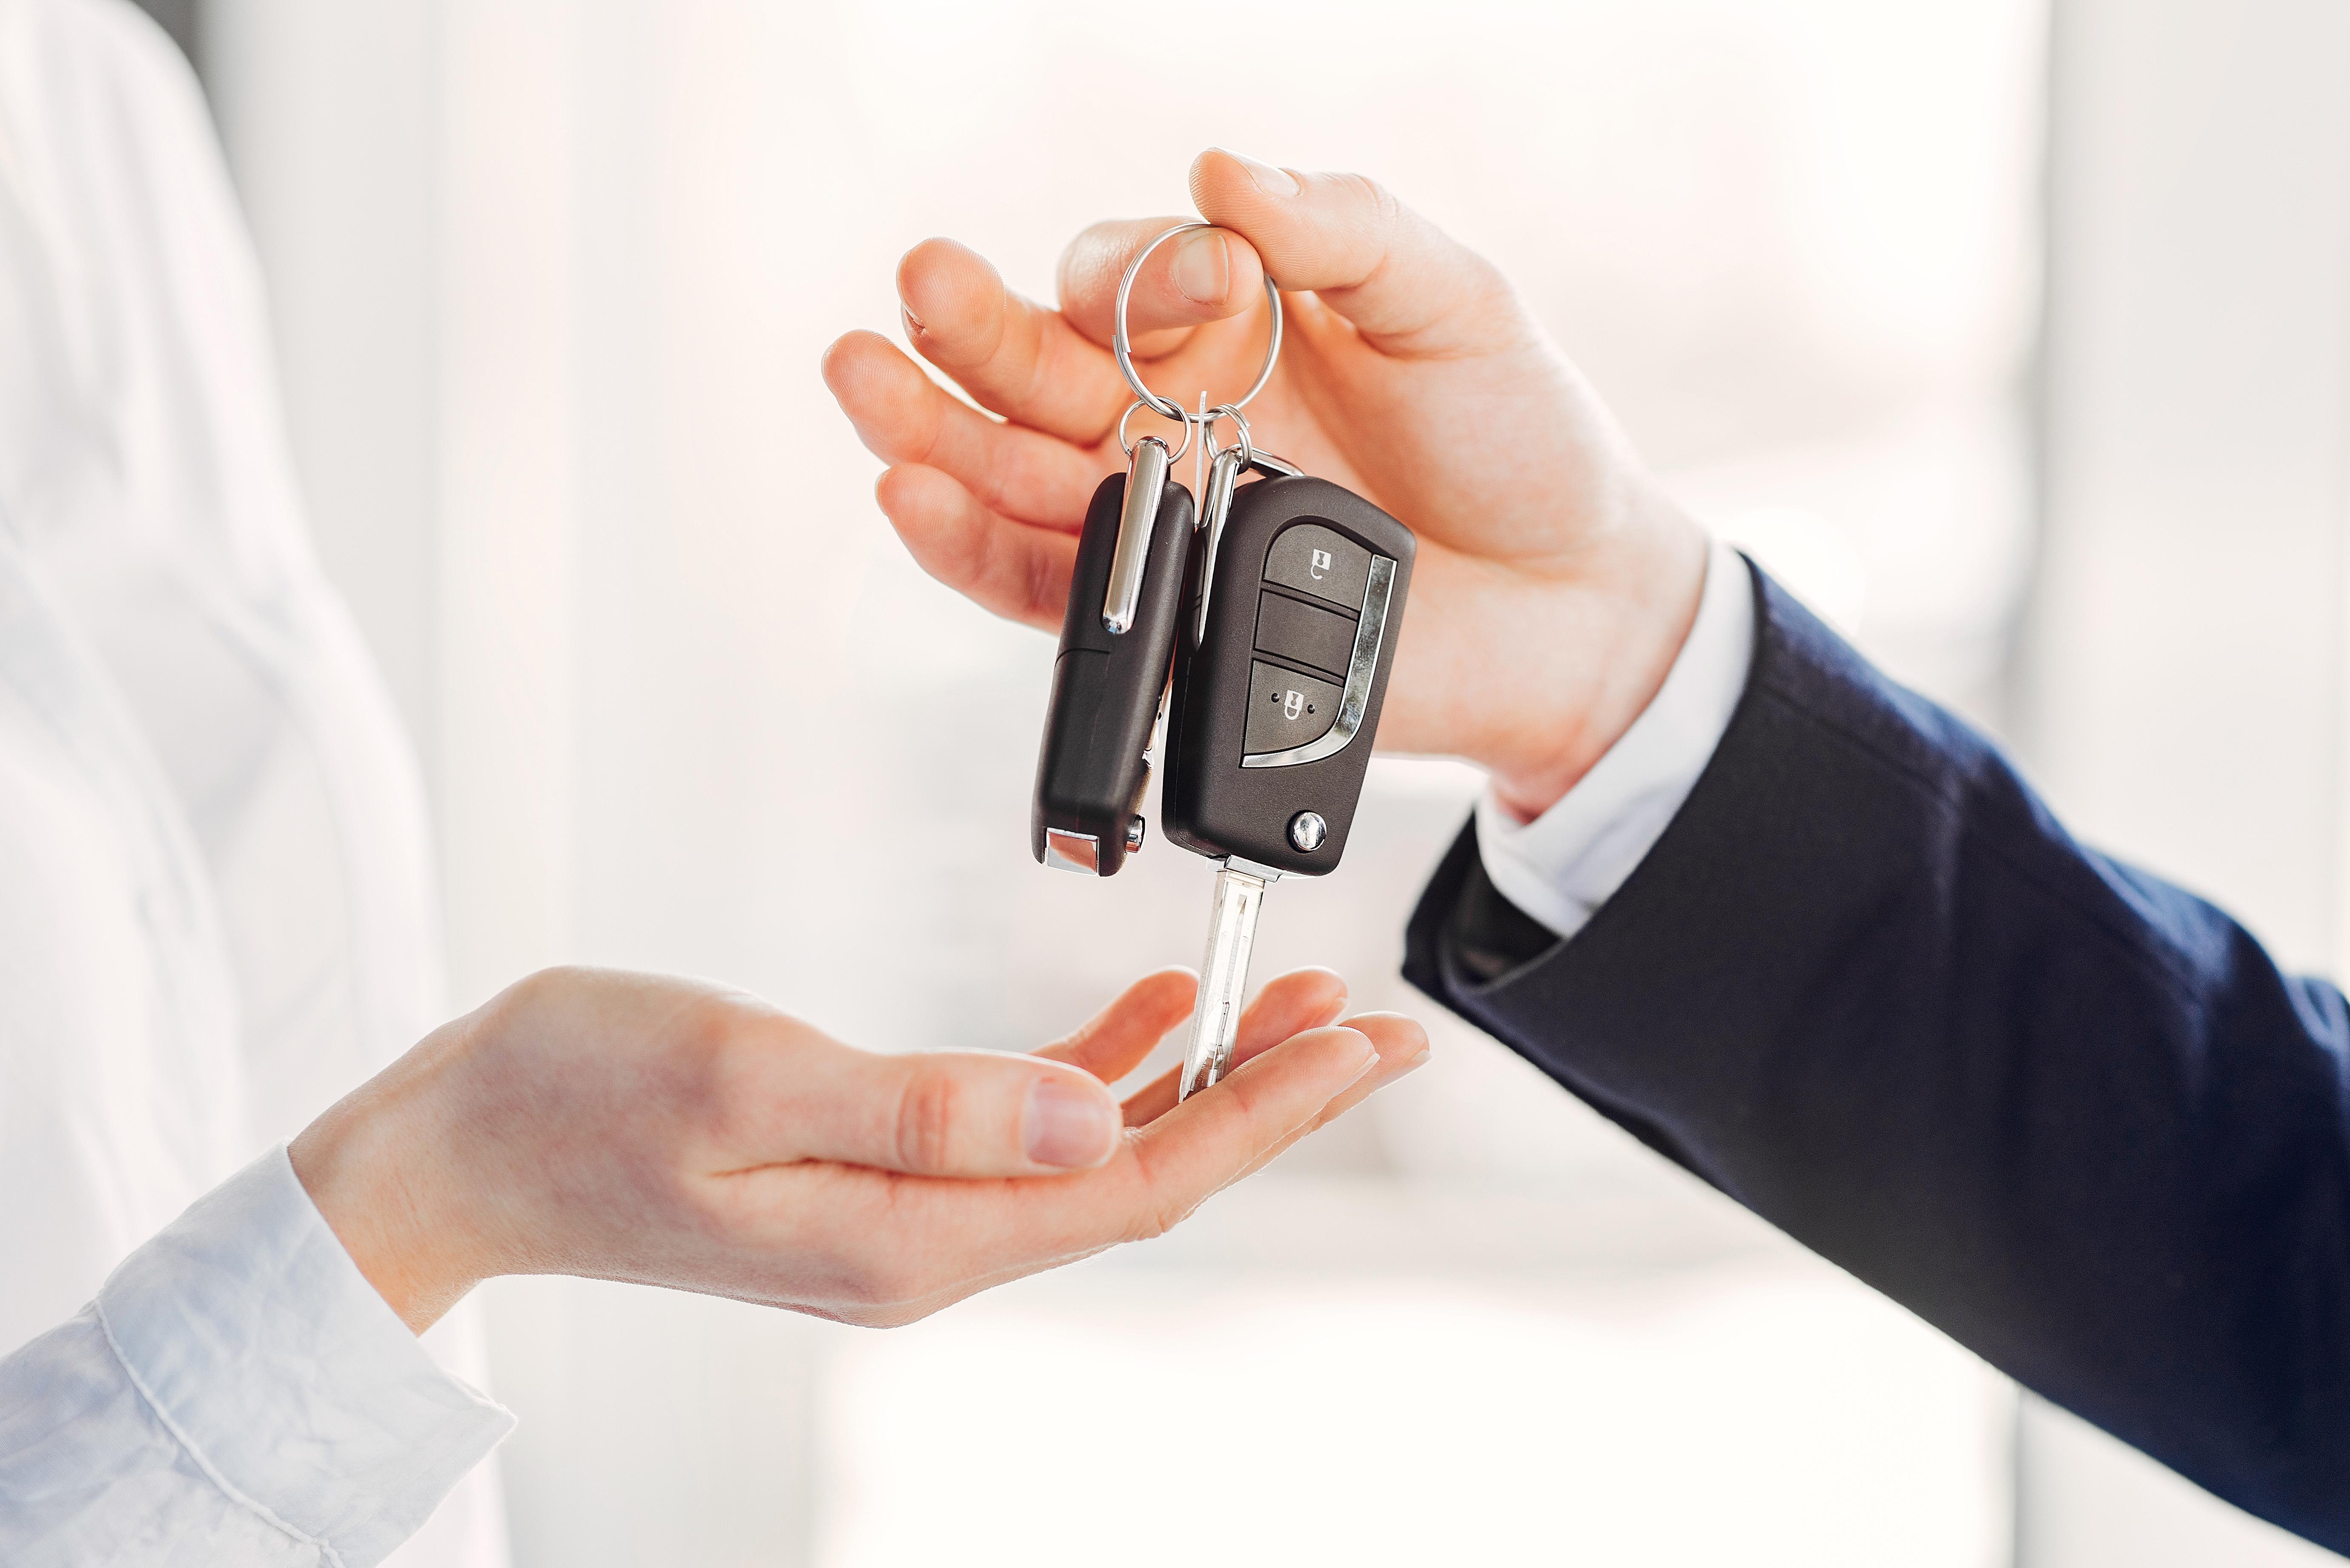 Dicas de segurança ao alugar seu carro para terceiros